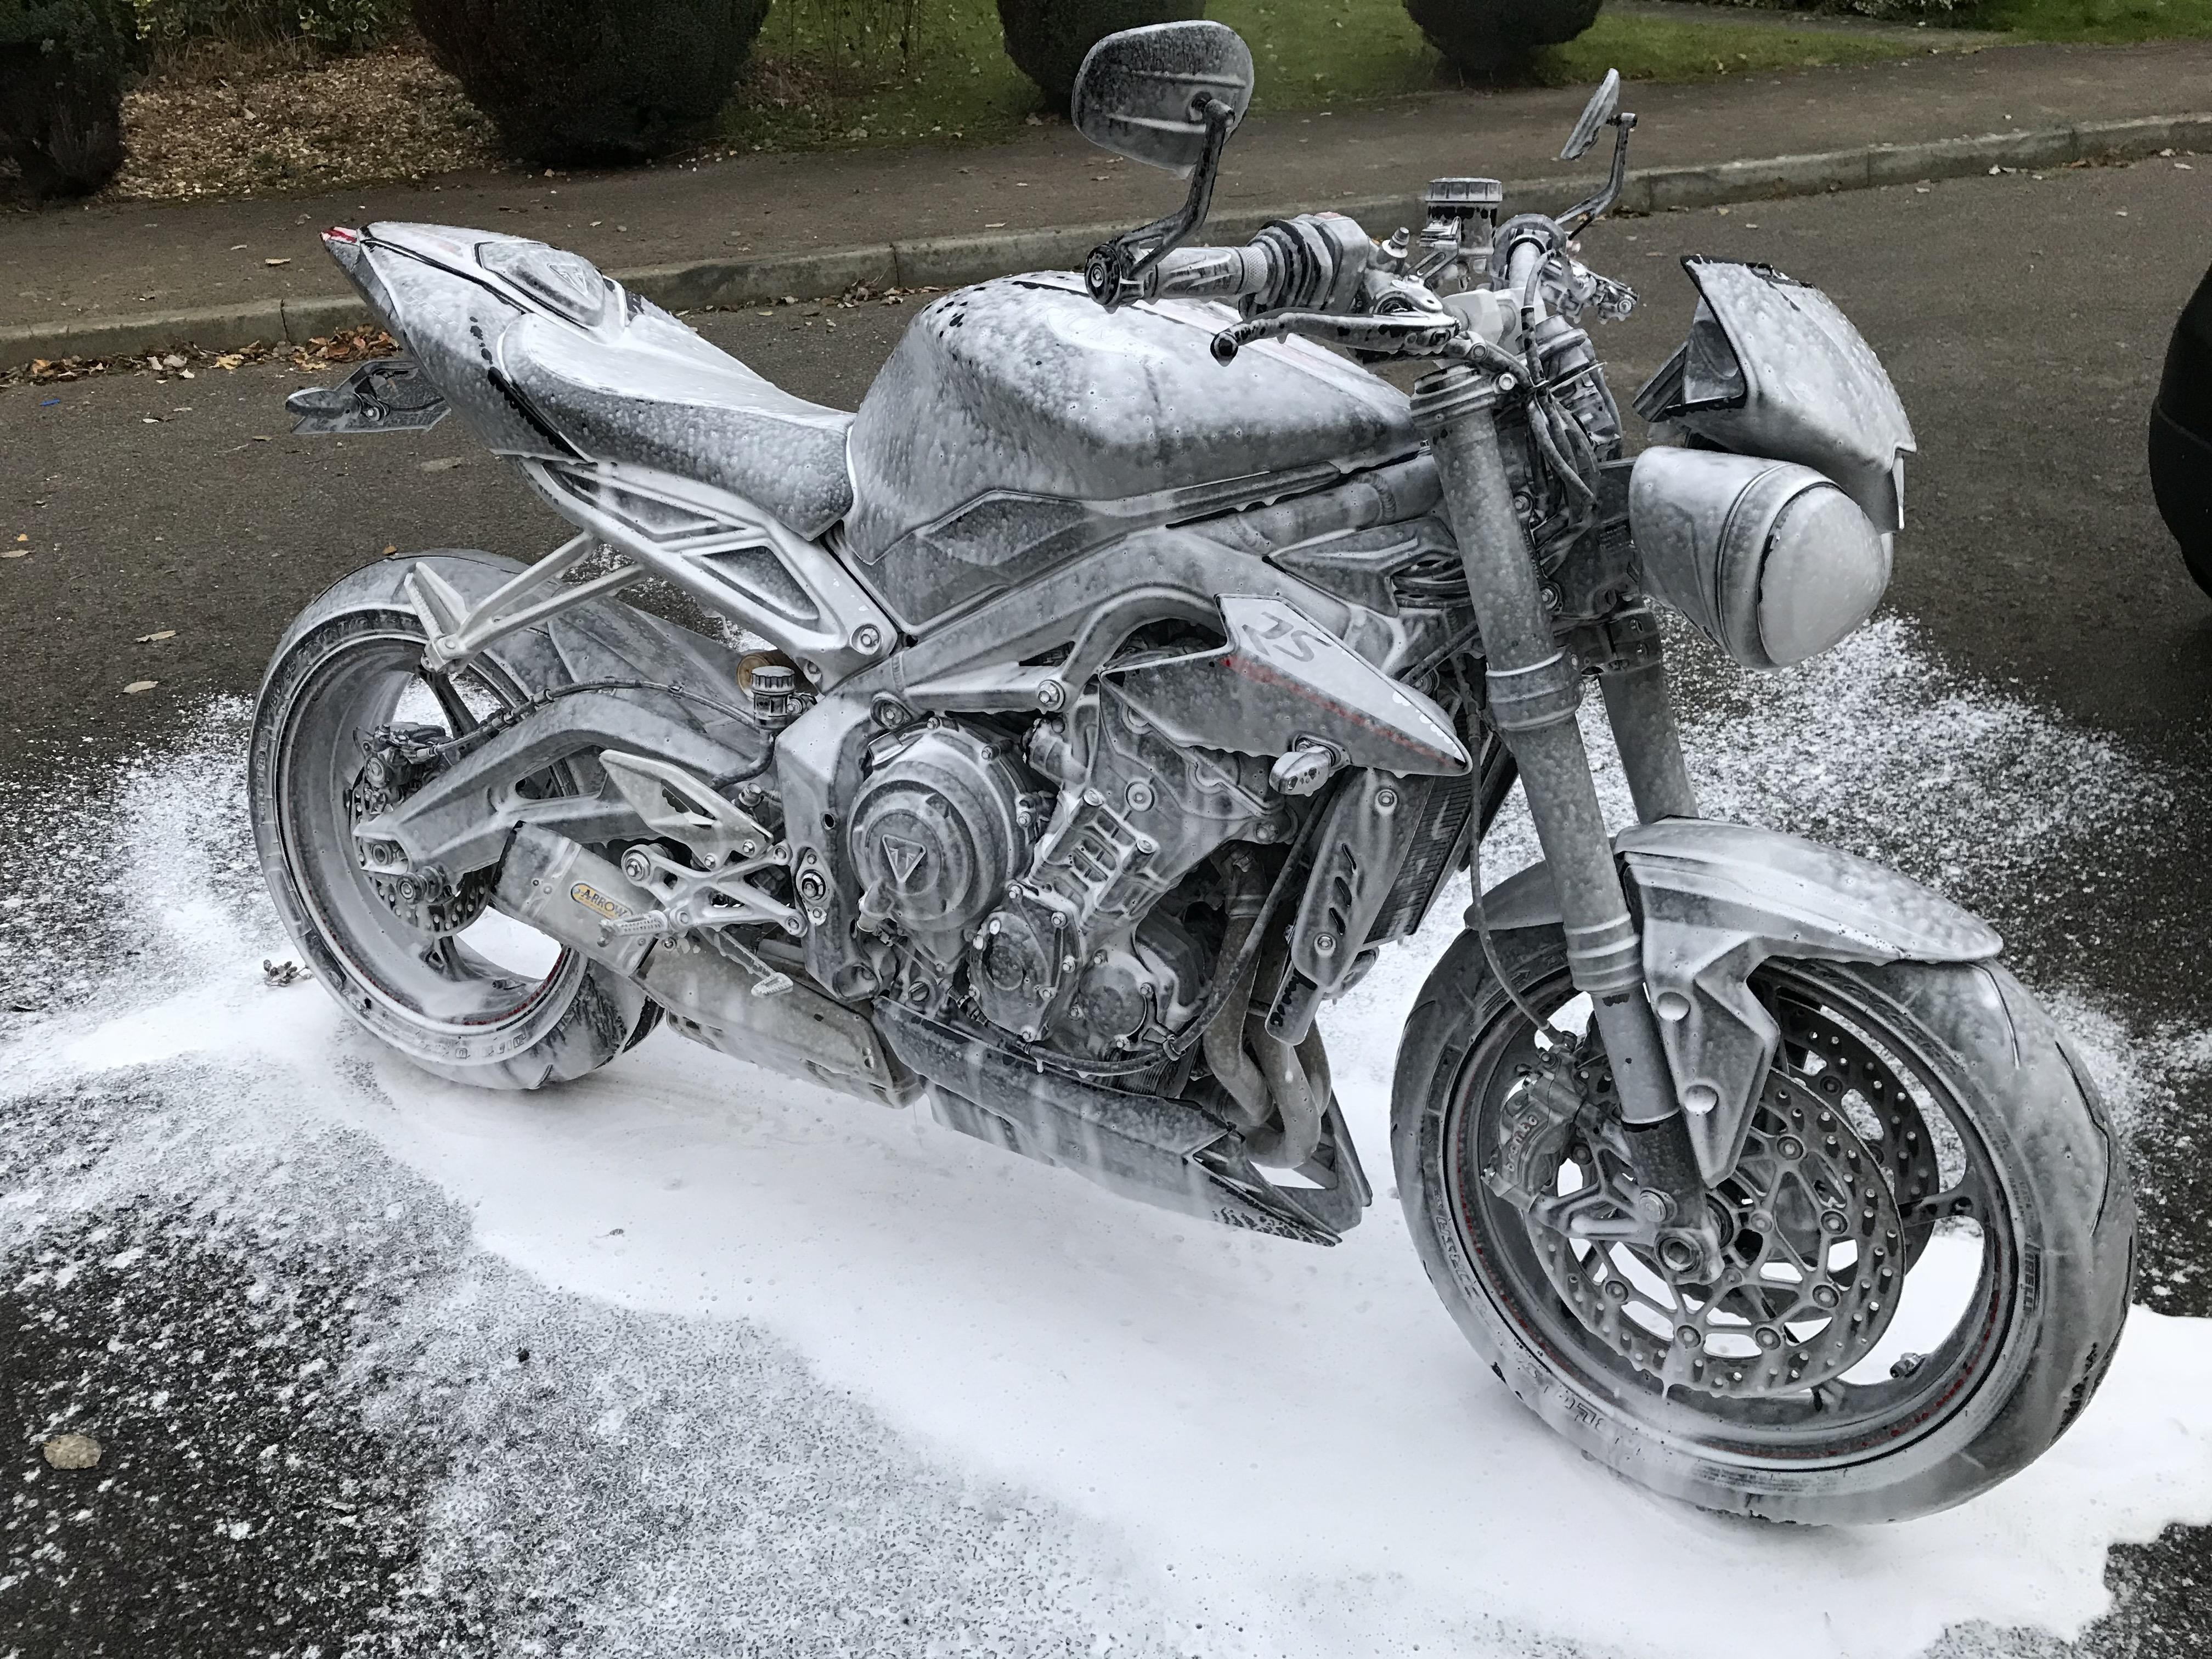 img 1161 - Showcase: Motorcycle Cleaning Brushes